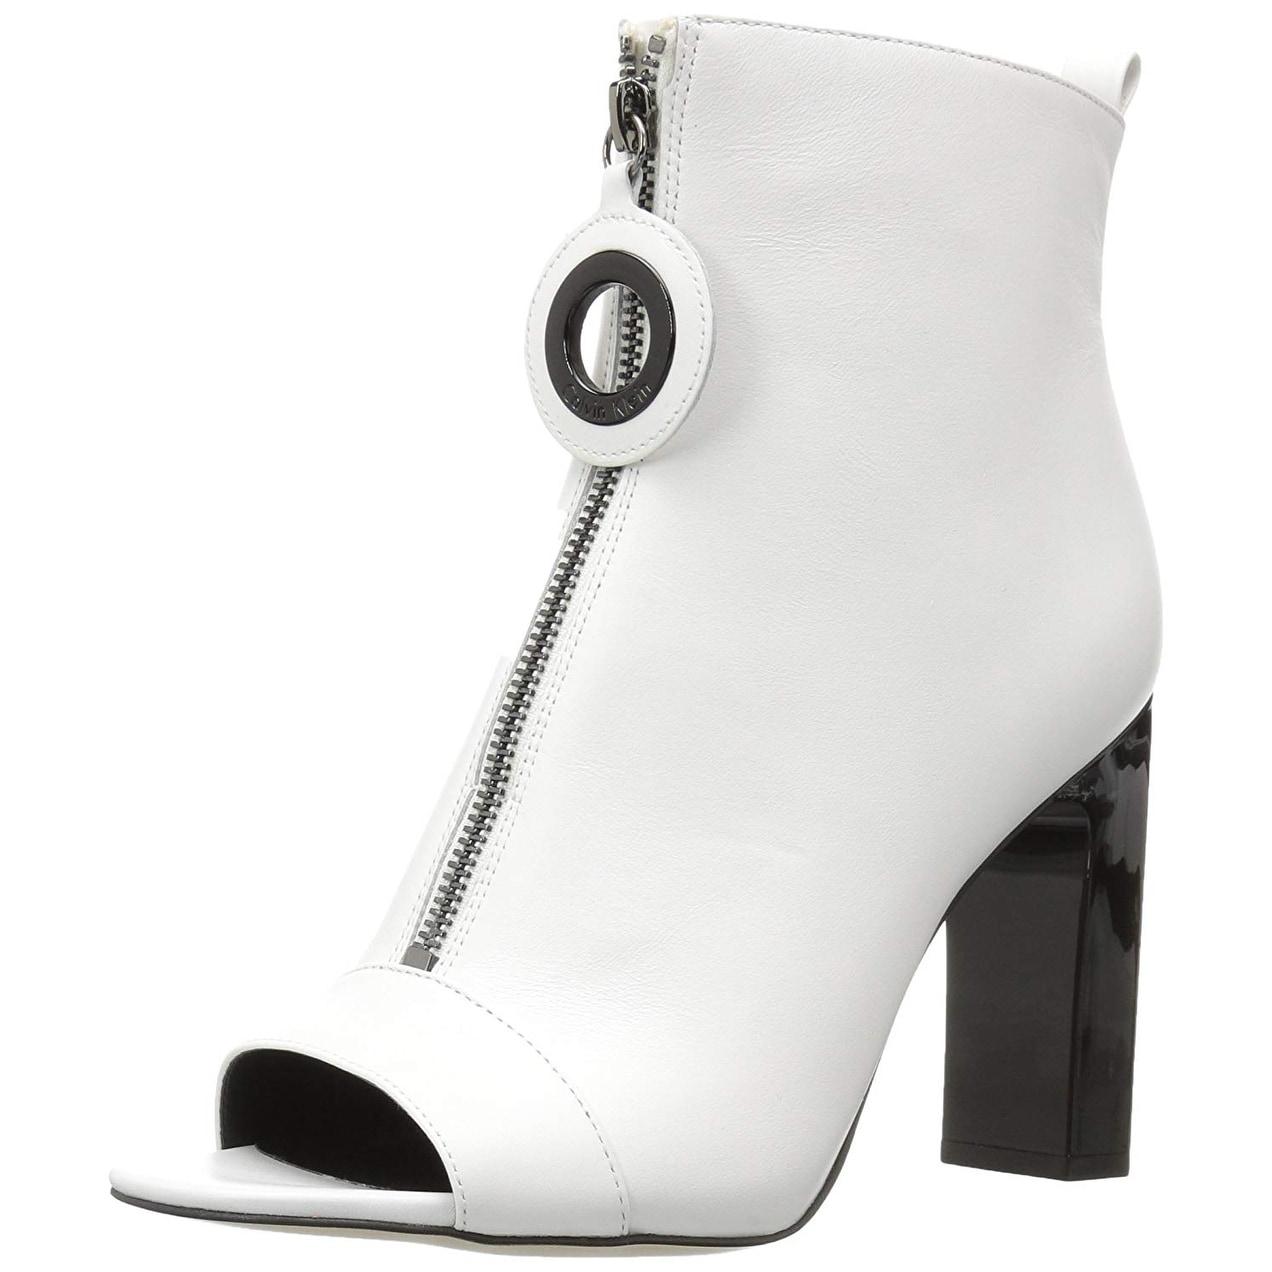 323874fb0515 Buy Calvin Klein Women s Boots Online at Overstock